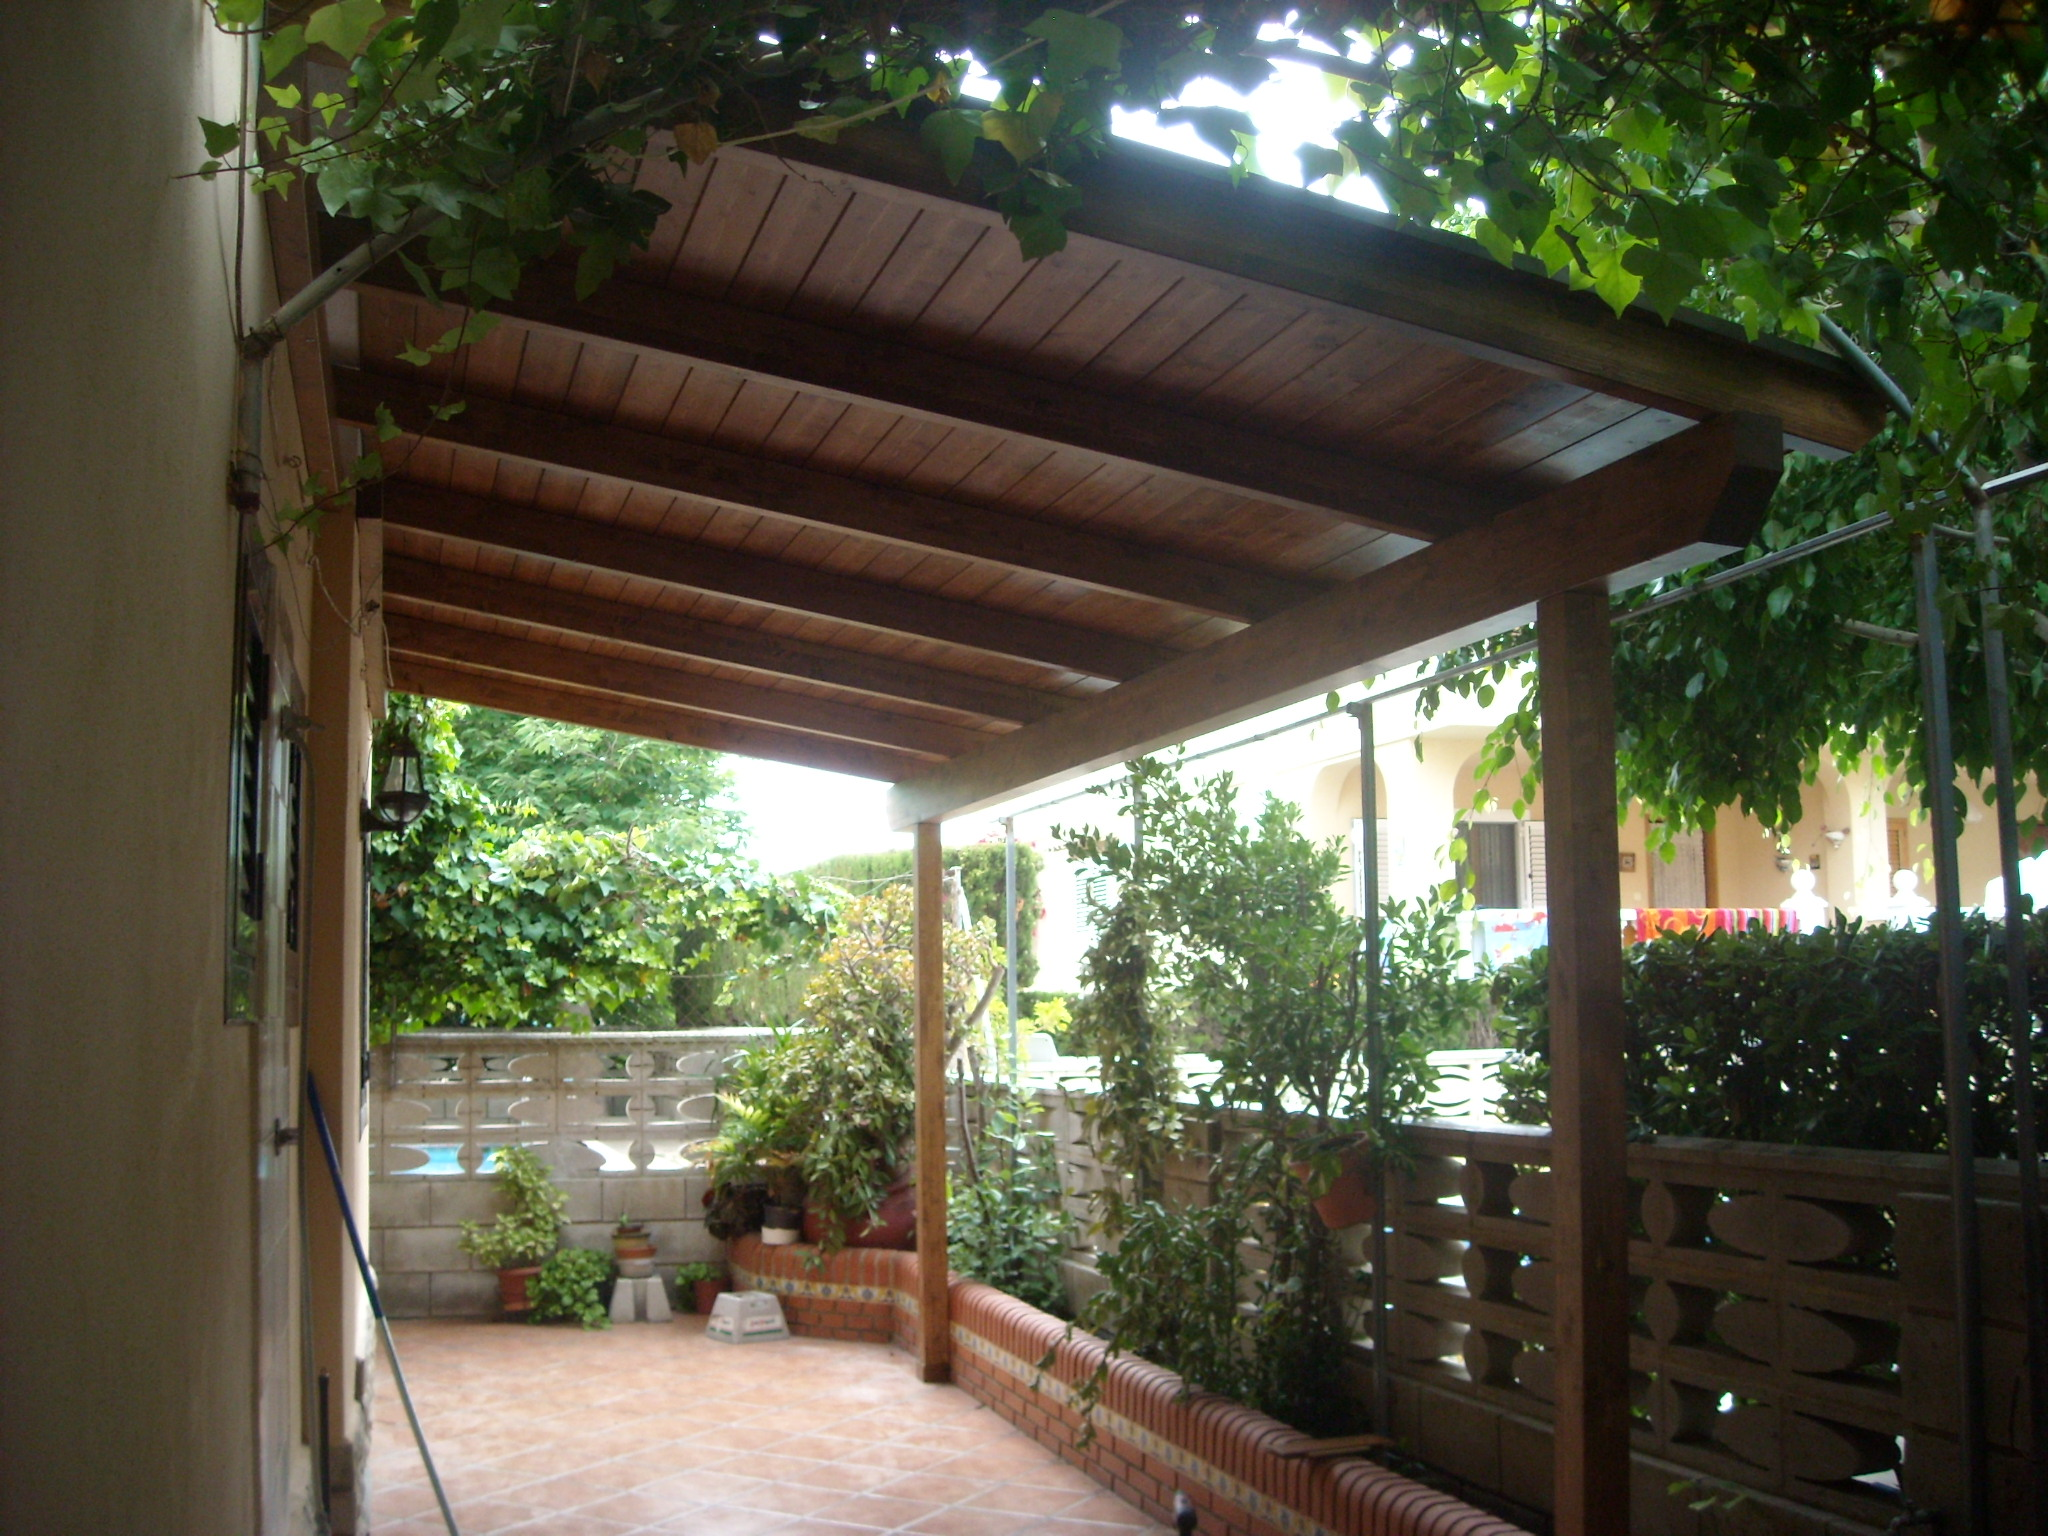 Techo de madera decorar una vivienda con techos de madera sistema de vigas del techo de madera - Techos de maderas ...